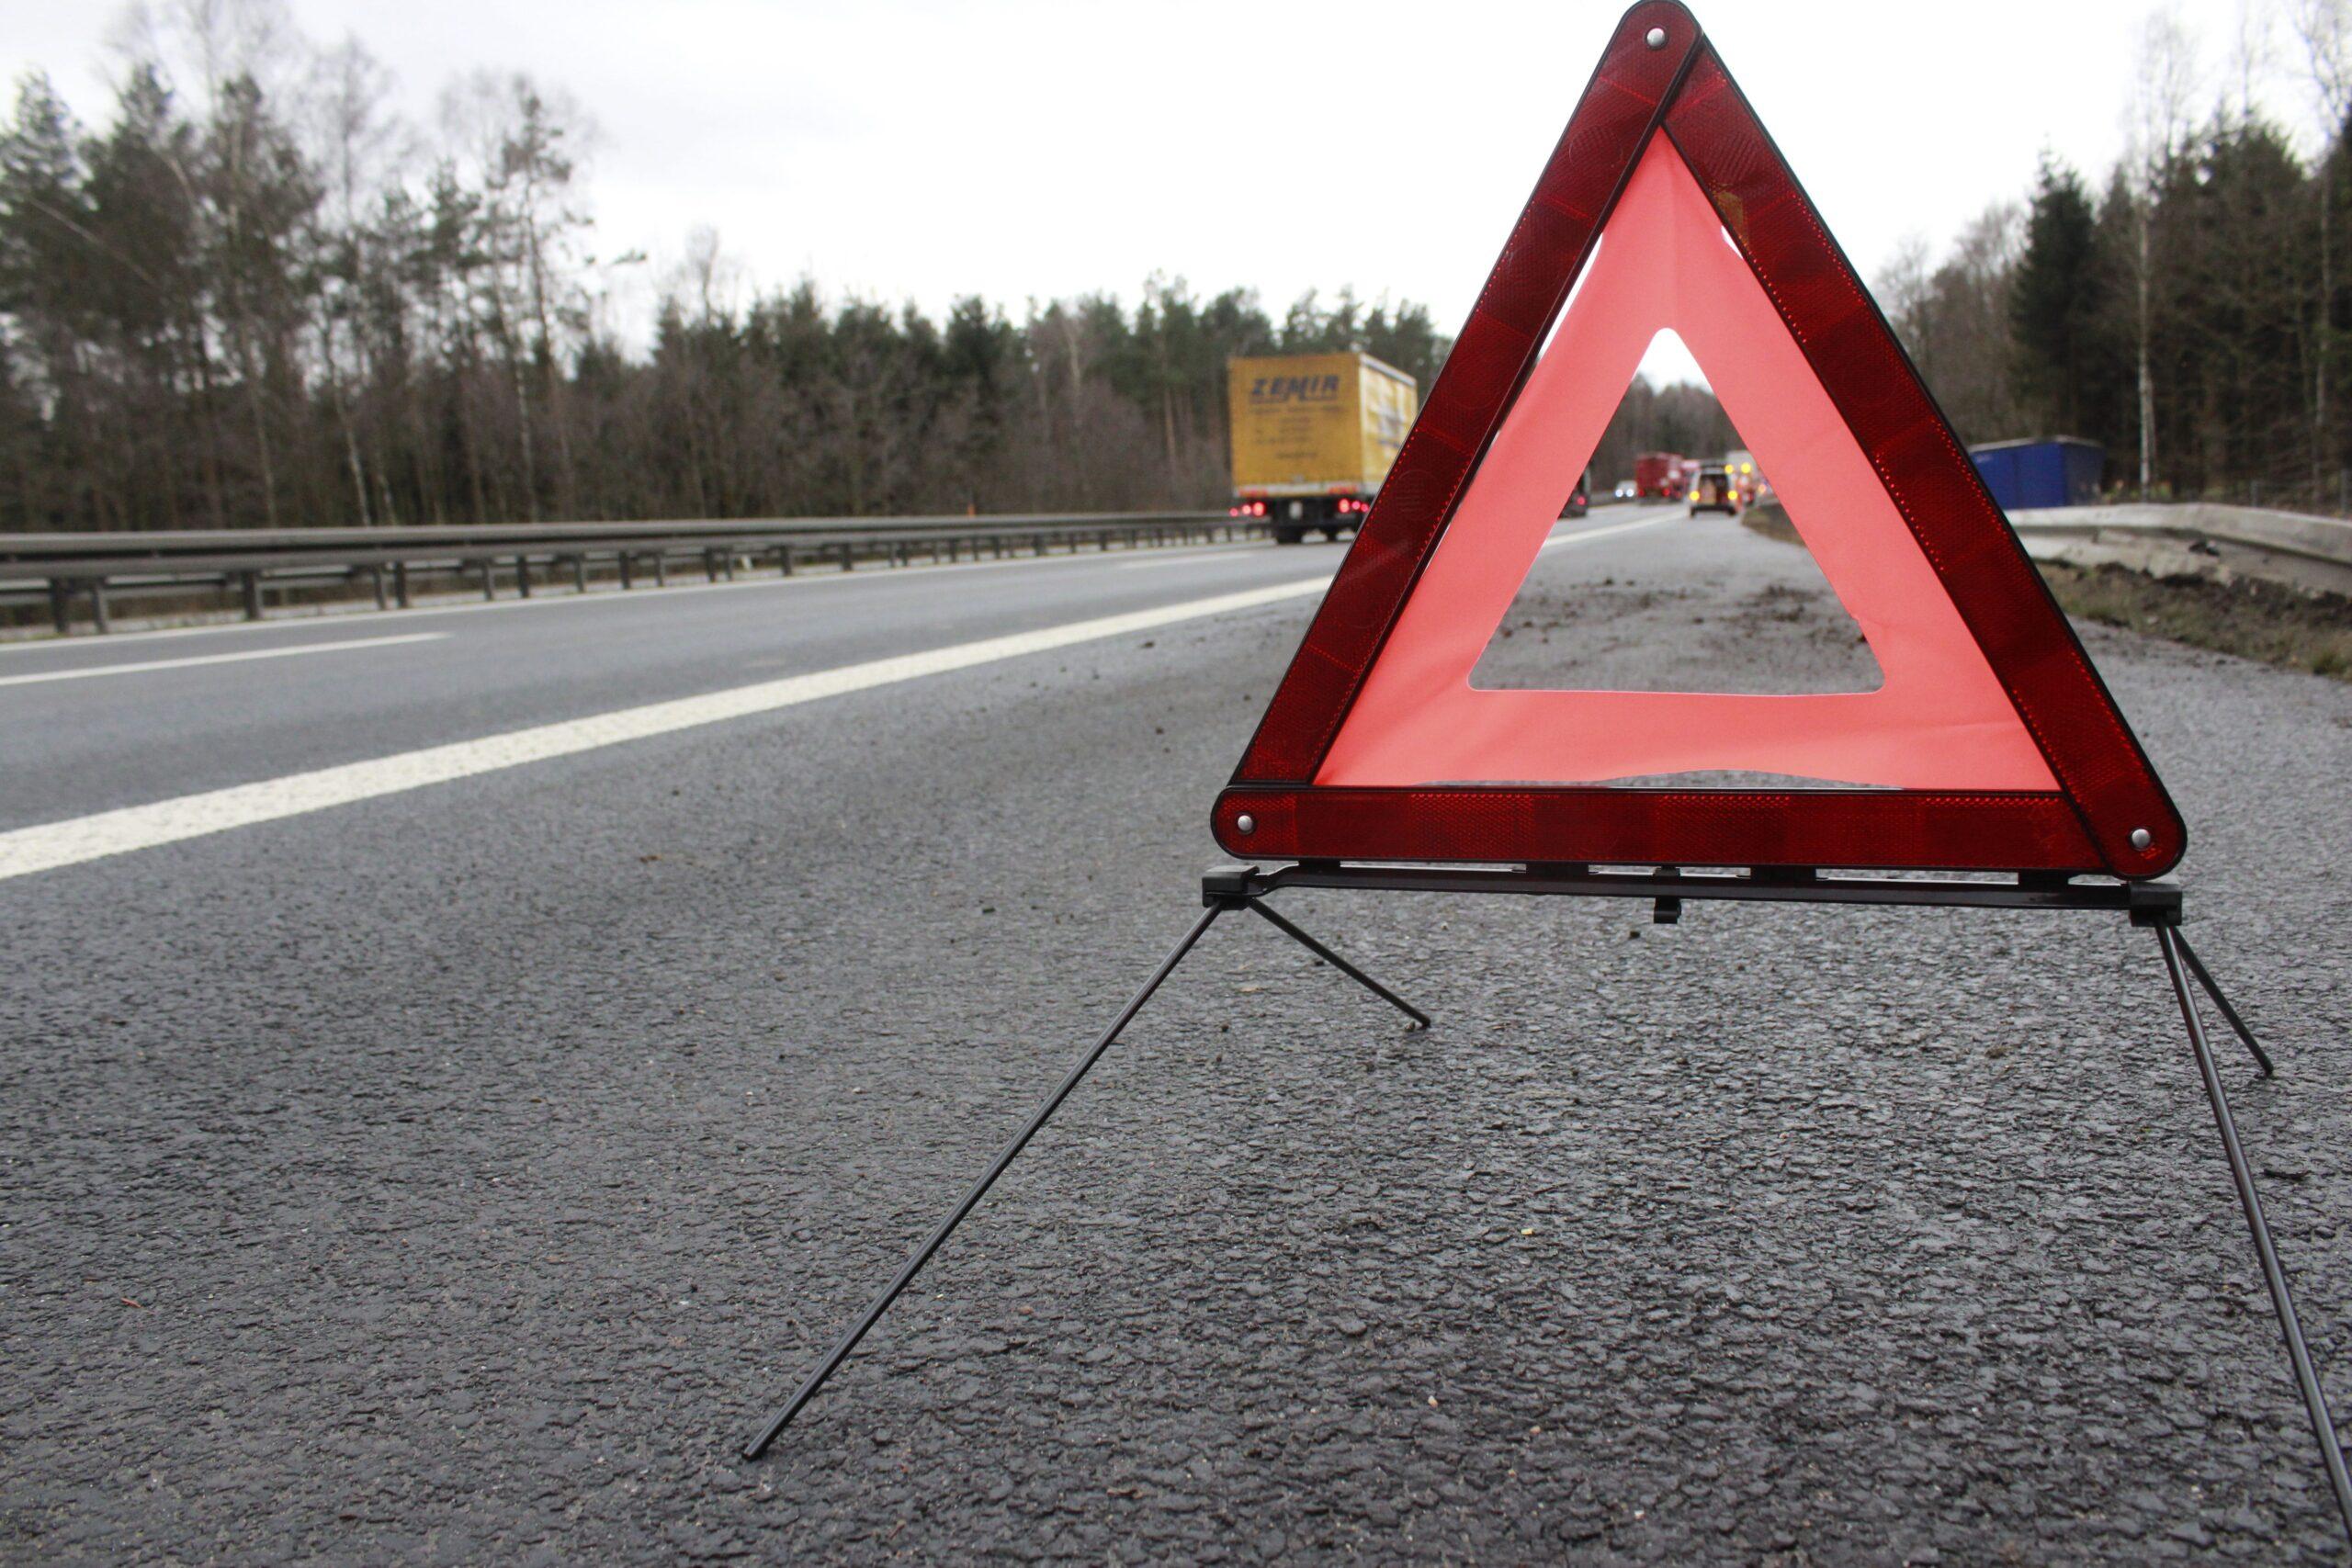 Ciężarówka zderzyła się z samochodem osobowym, trasa Poznań – Leszno zablokowana